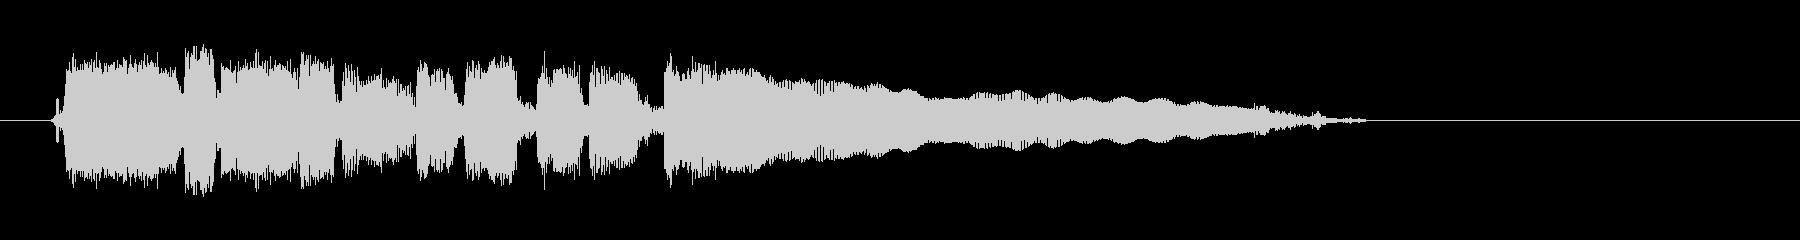 ブルースギター-ショートソロ1-ブ...の未再生の波形